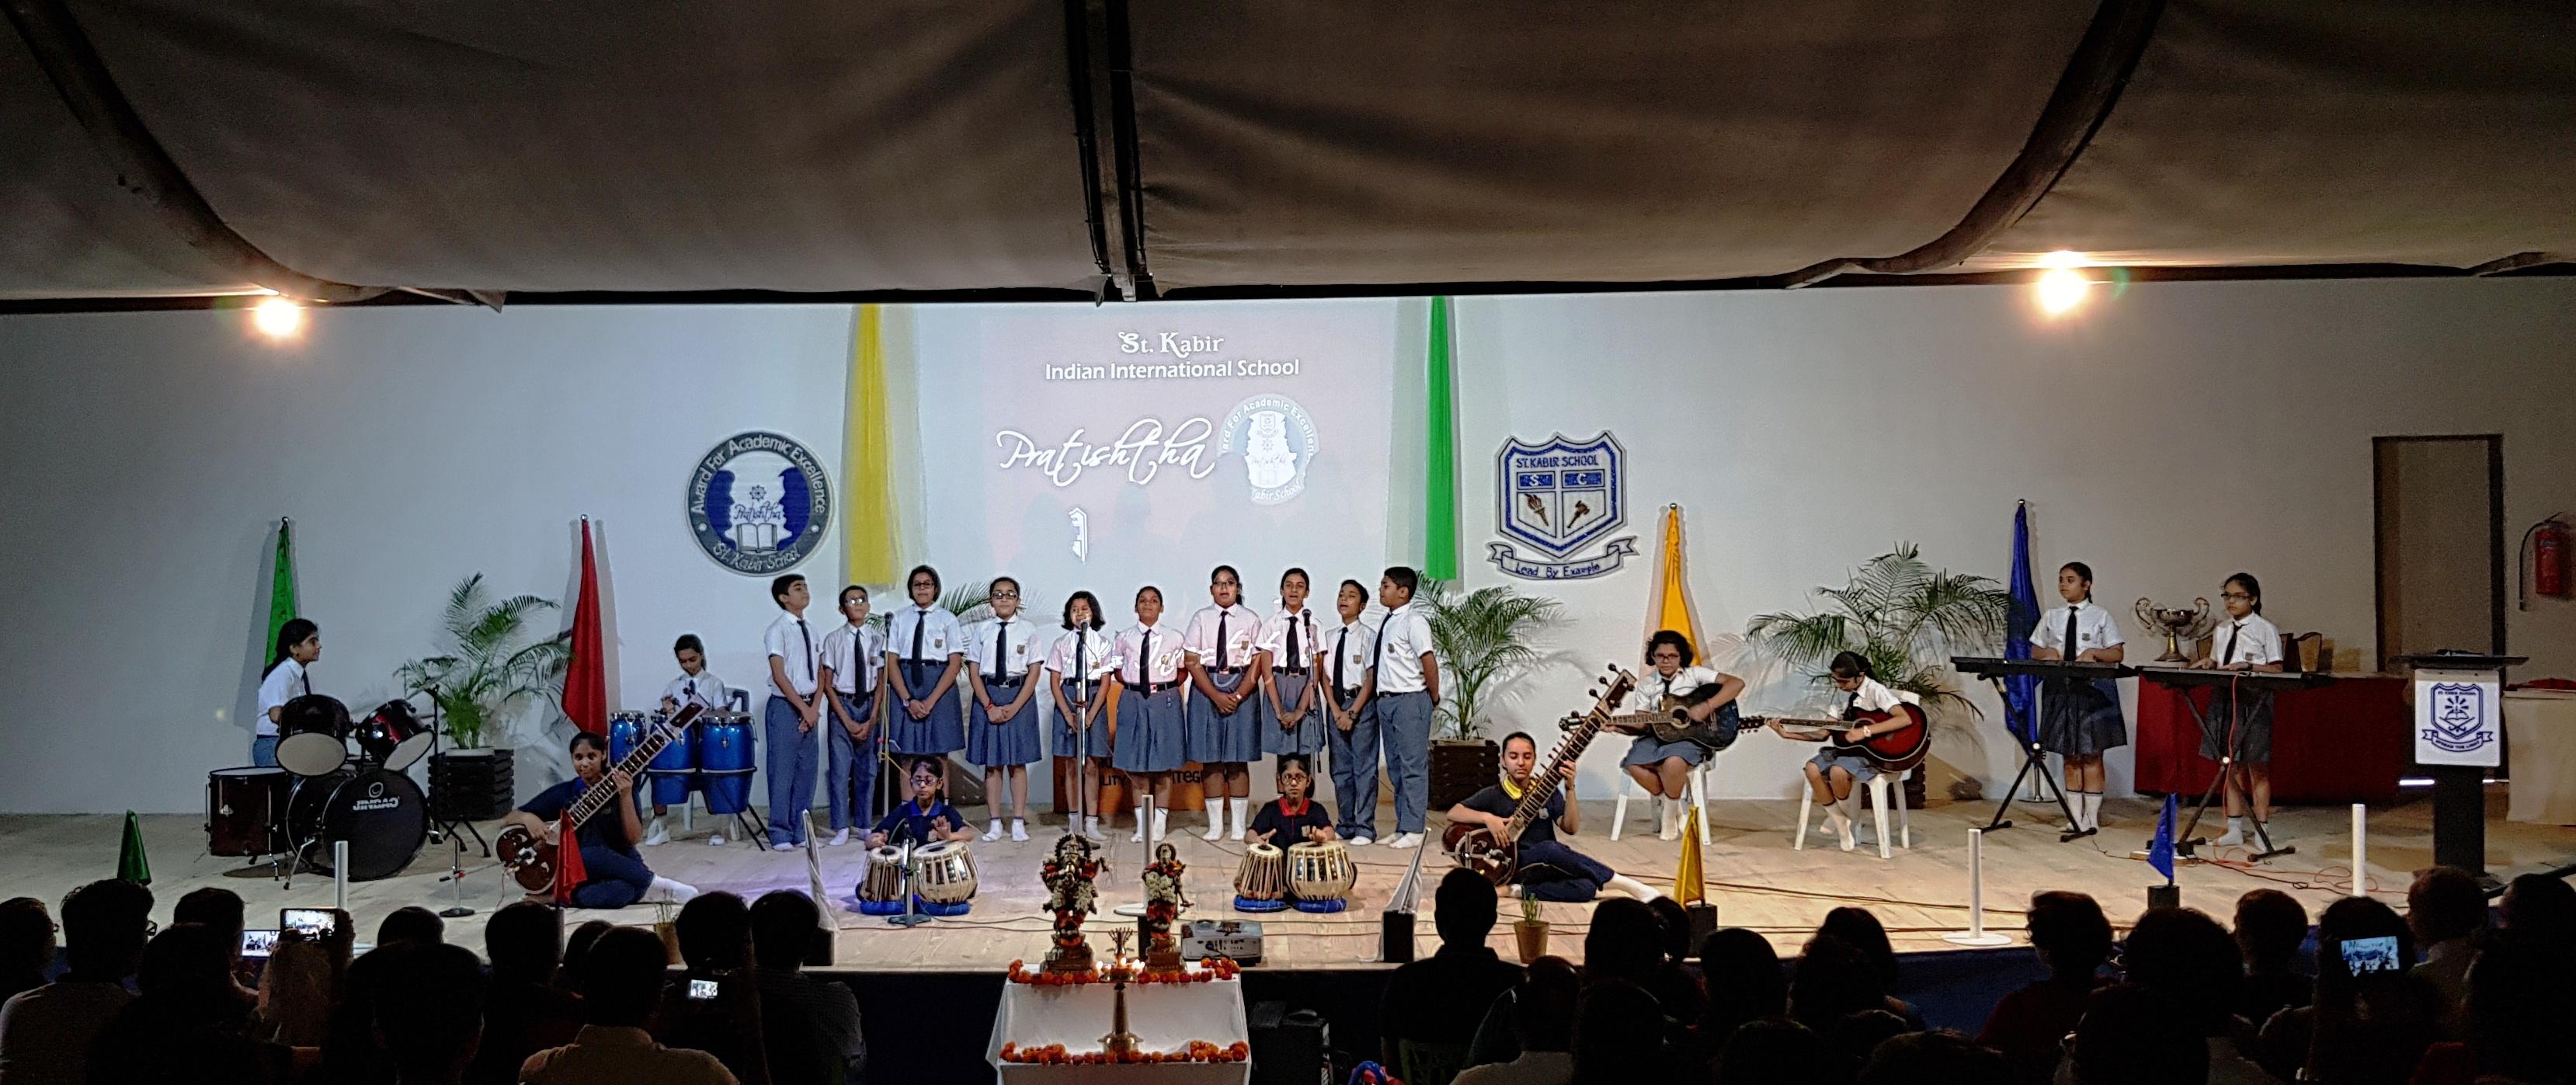 Pratishtha Ceremony 2018 (11)